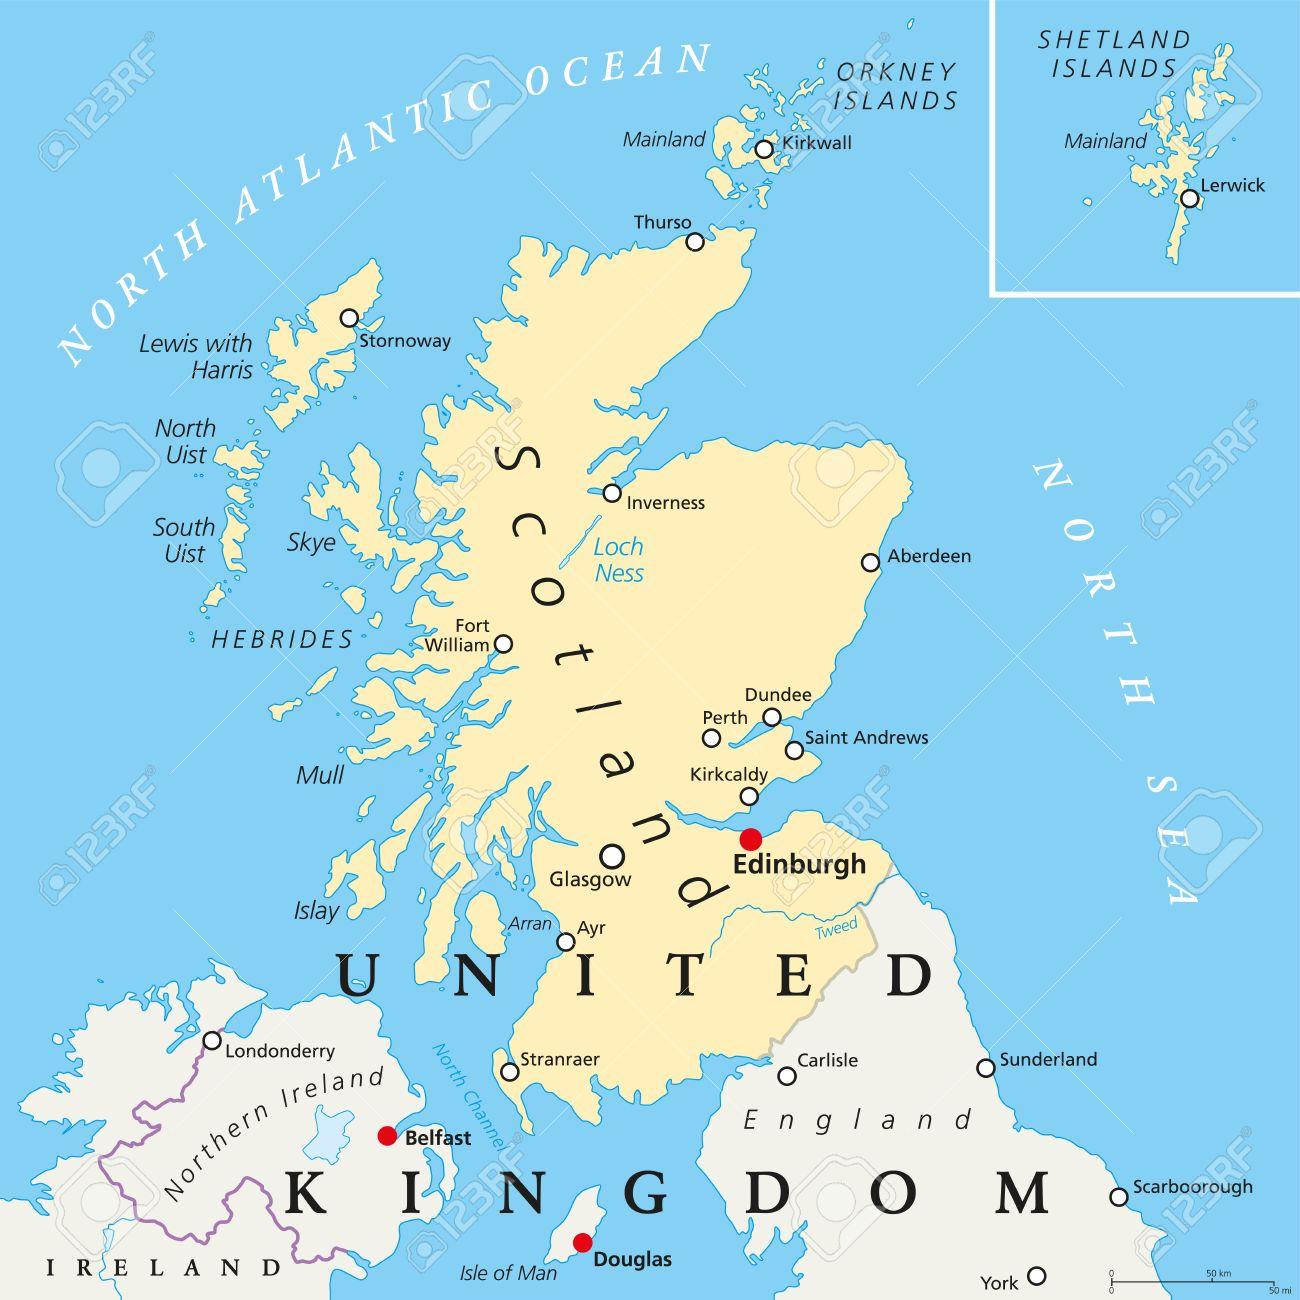 Schottland Politische Landkarte Mit Der Hauptstadt Edinburgh